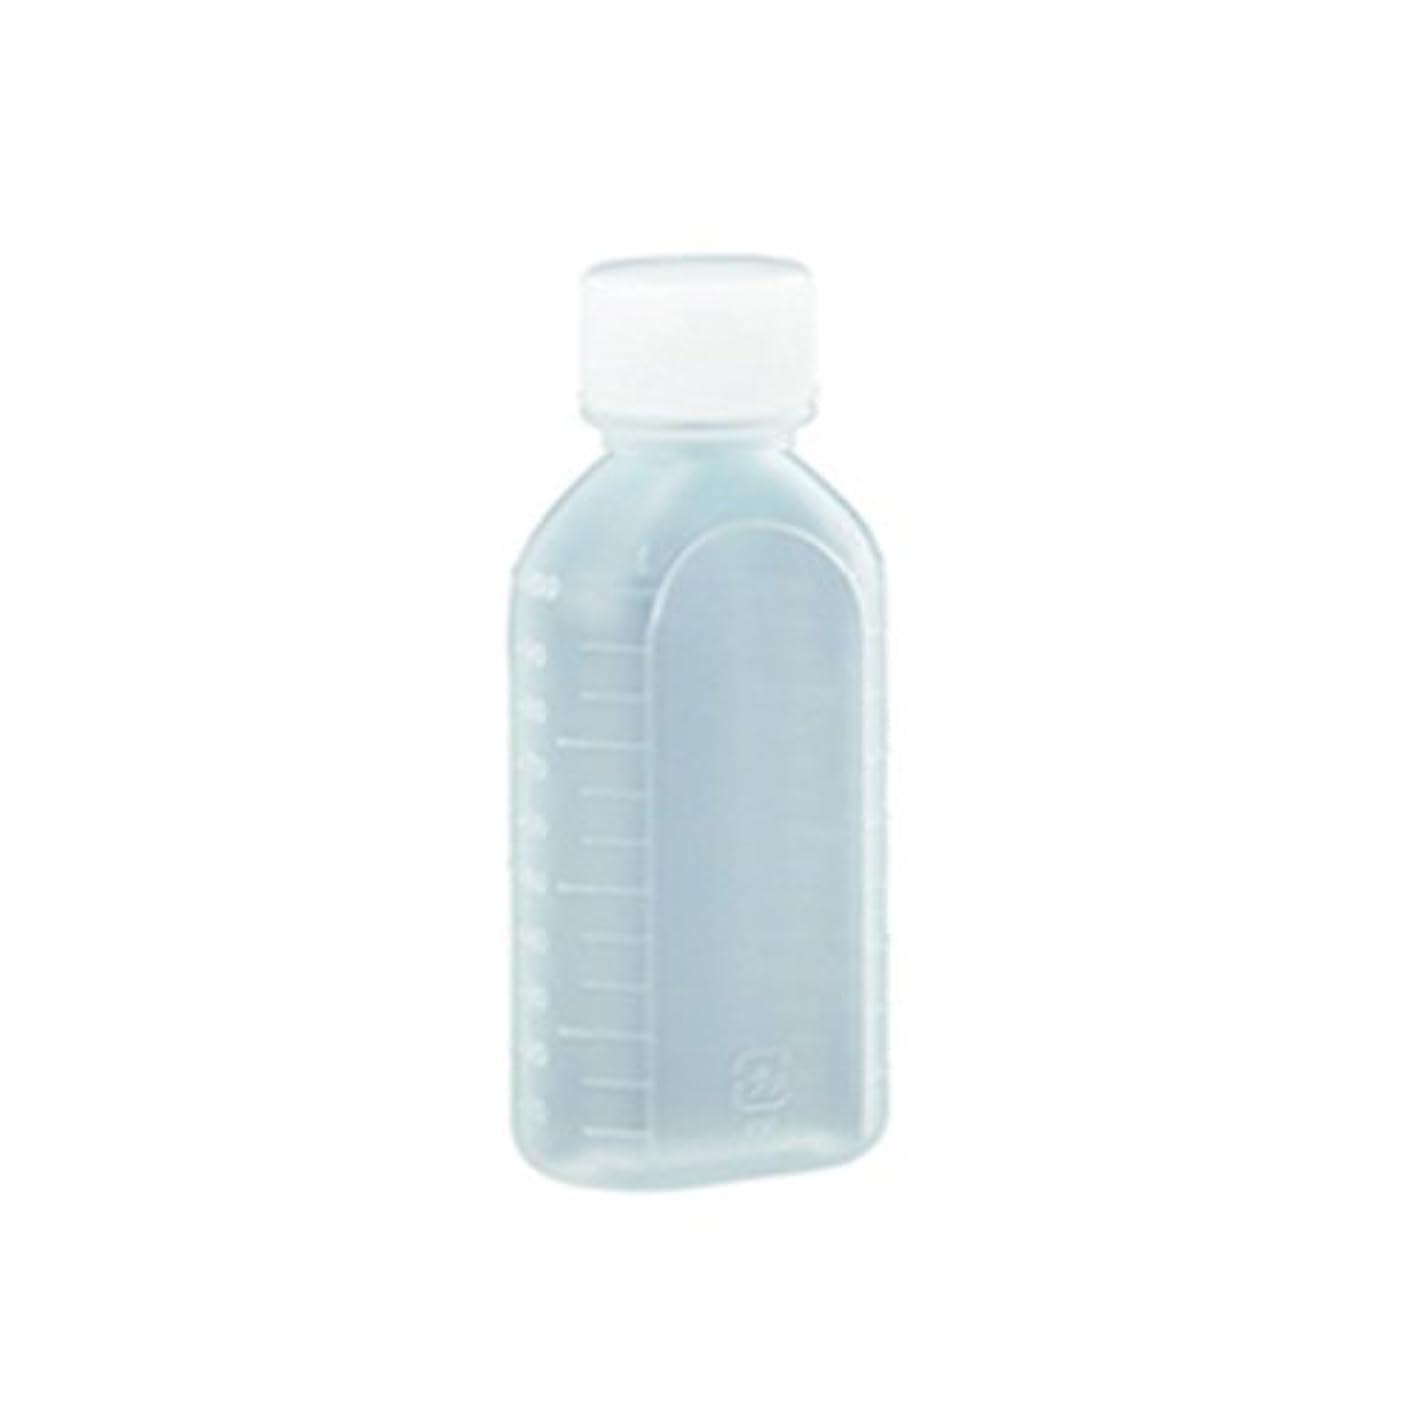 仮称スカープ社会主義者B型投薬瓶 白 (60ml) 1本